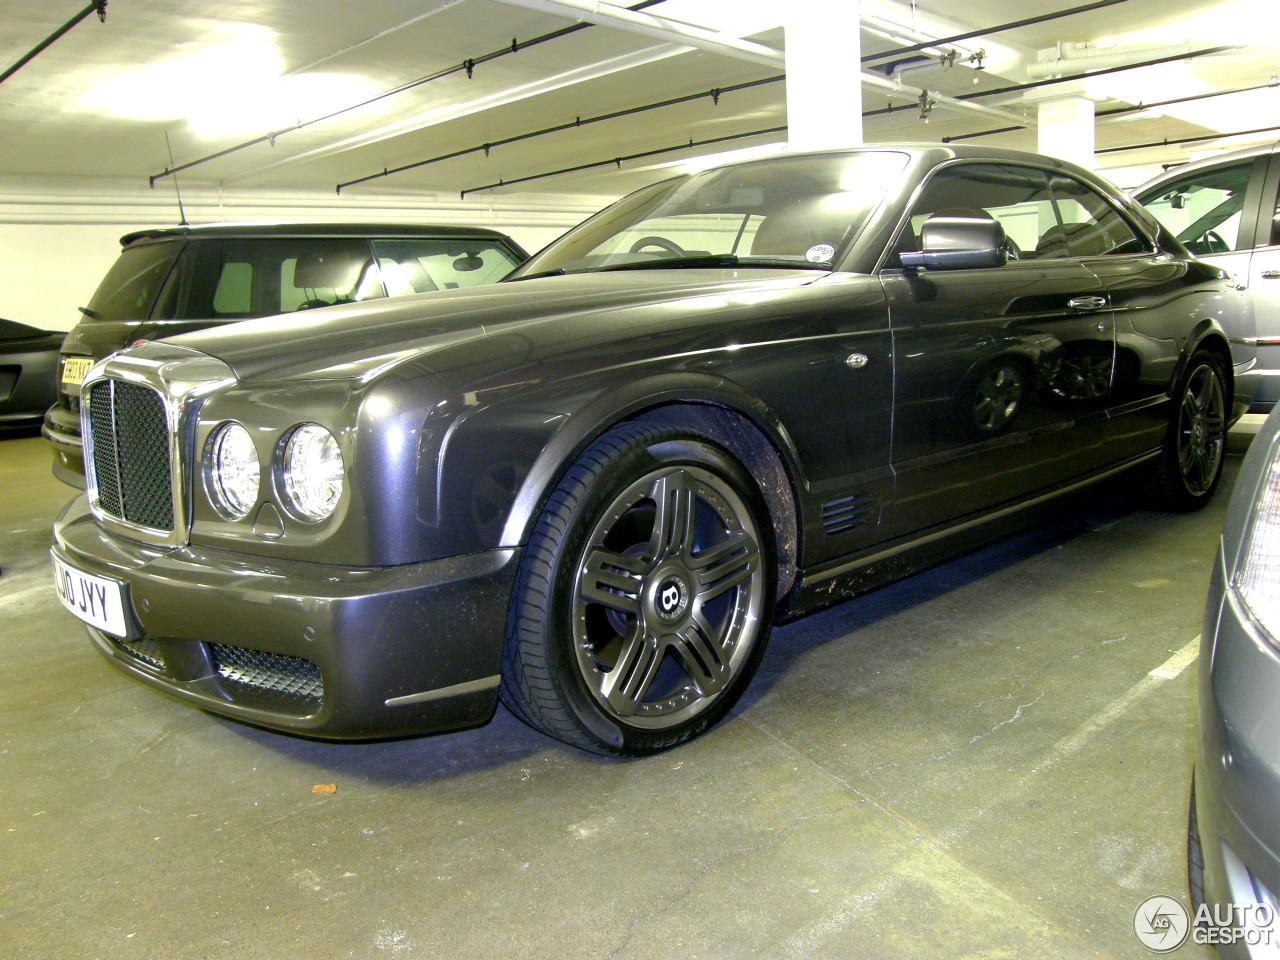 Bentley brooklands 2008 21 november 2012 autogespot 3 i bentley brooklands 2008 3 vanachro Choice Image